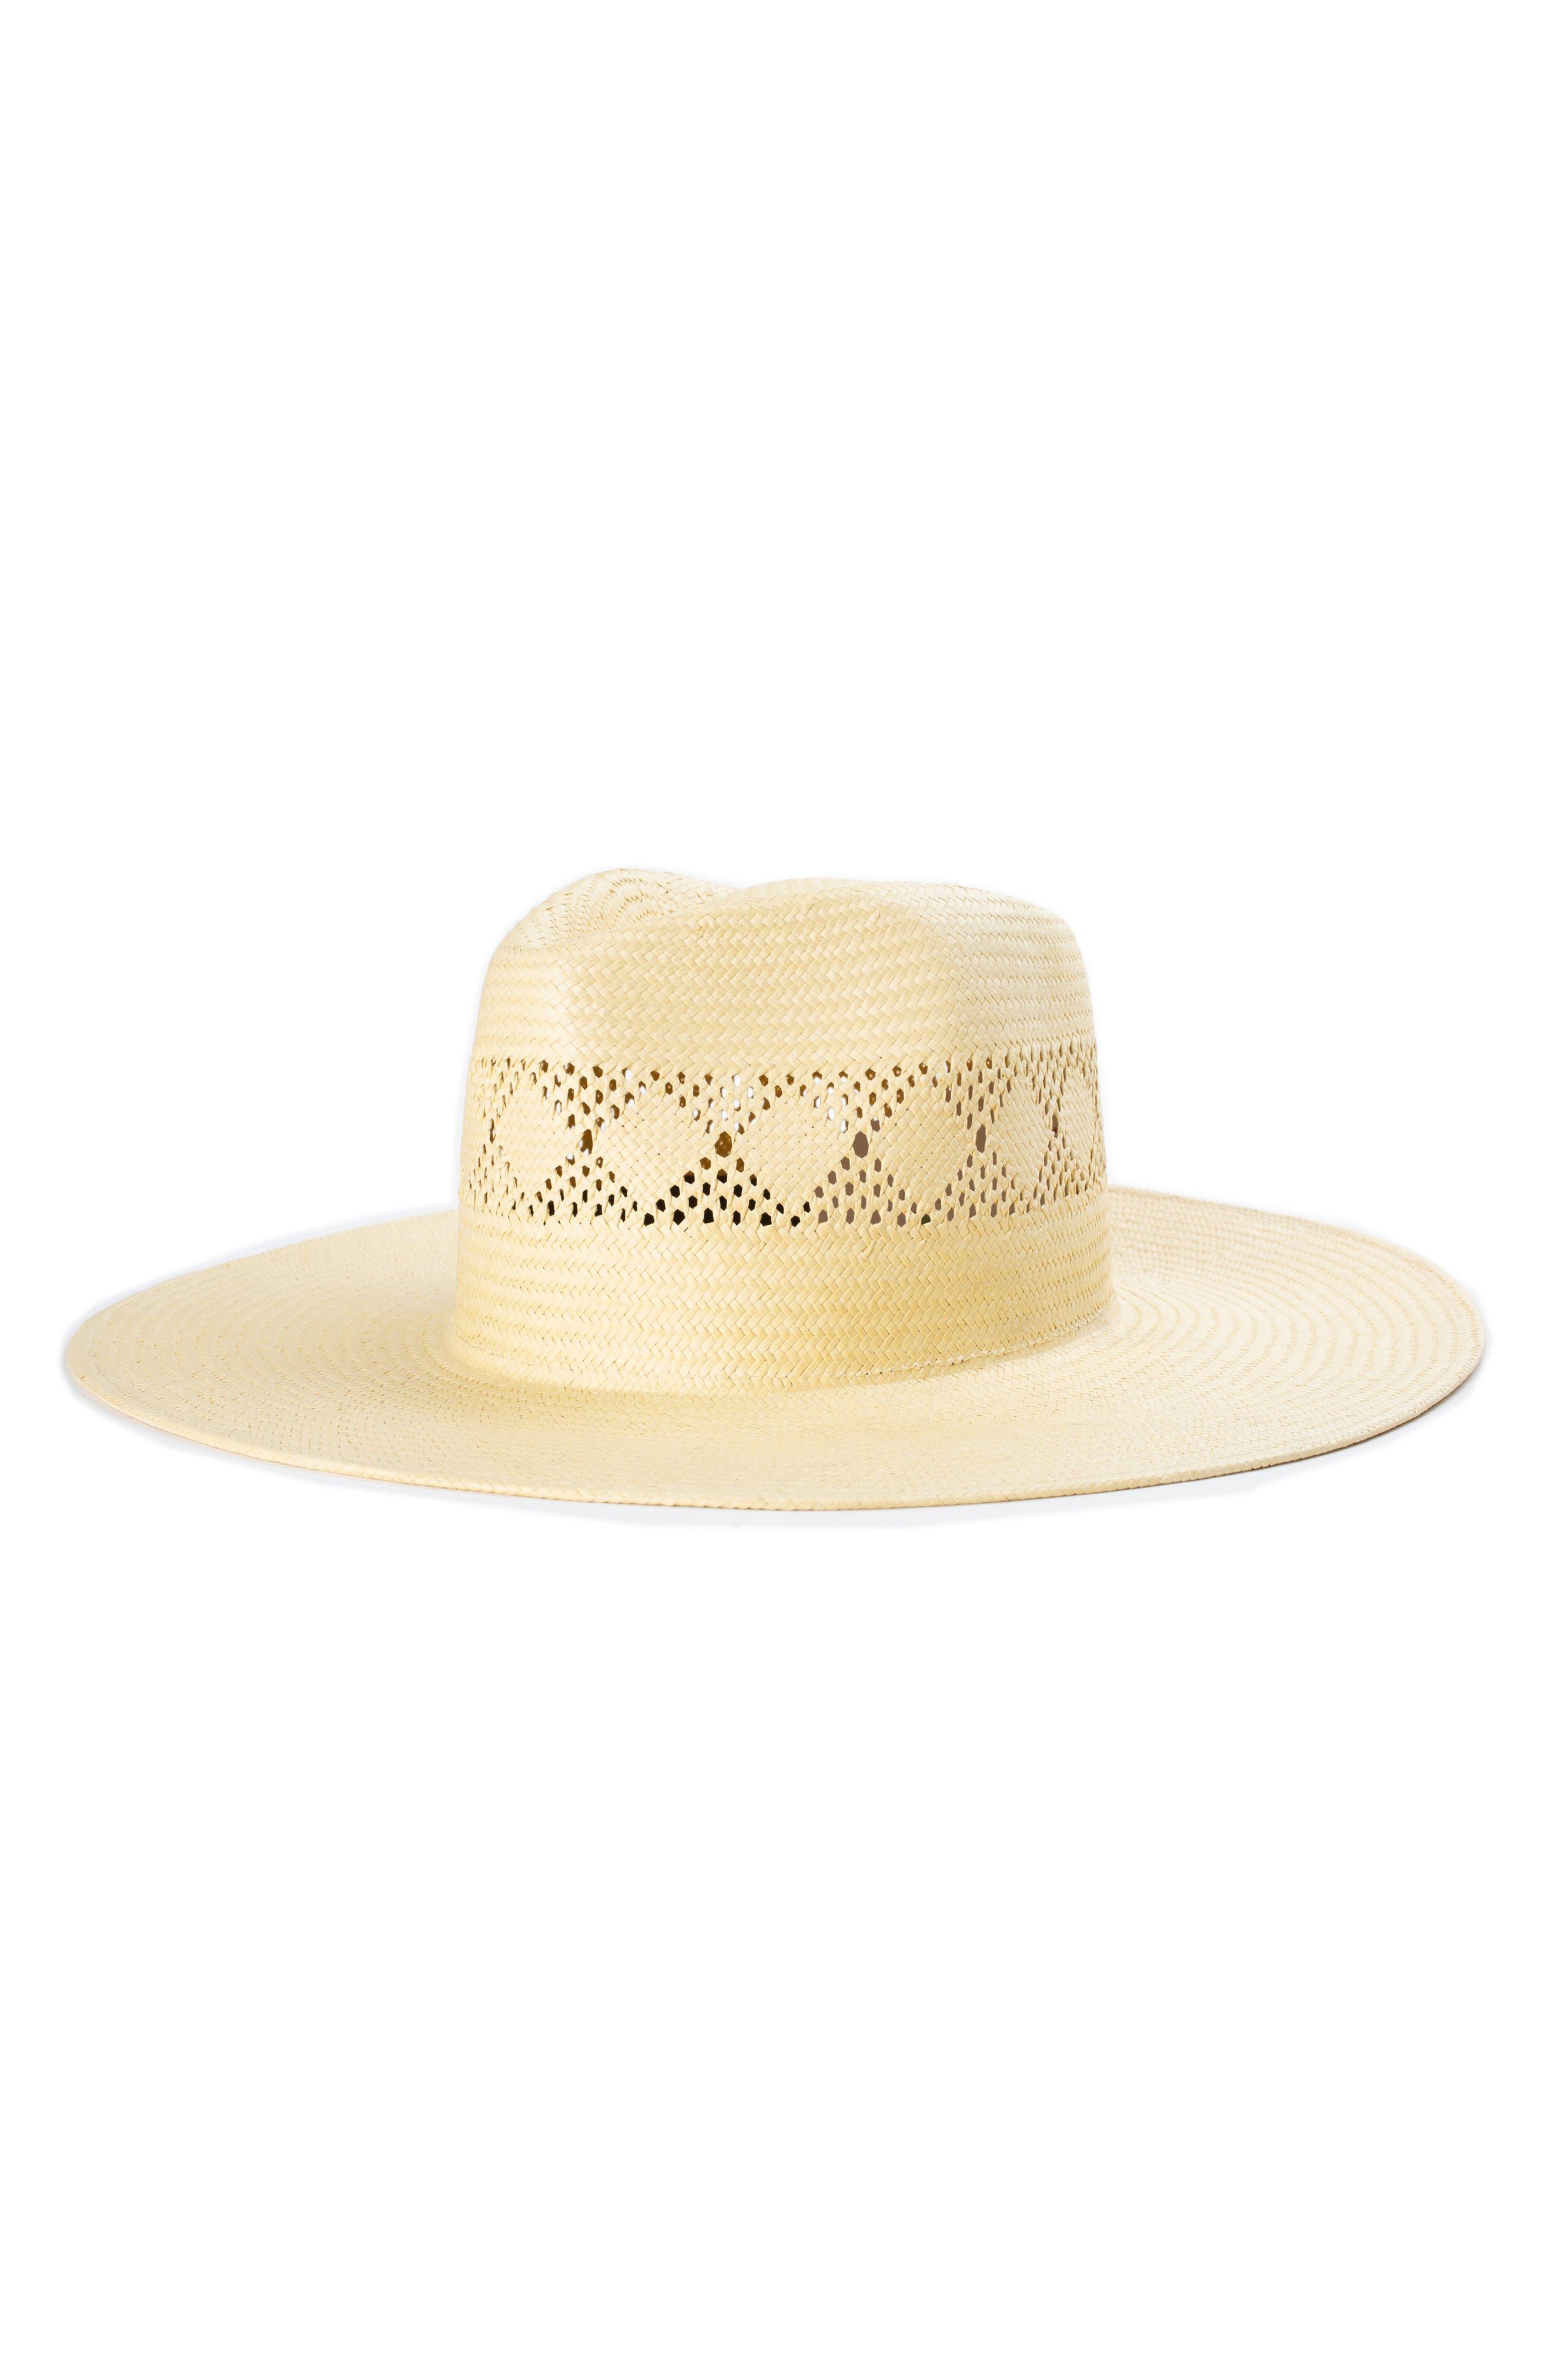 Joanna Iv Sun Straw Hat